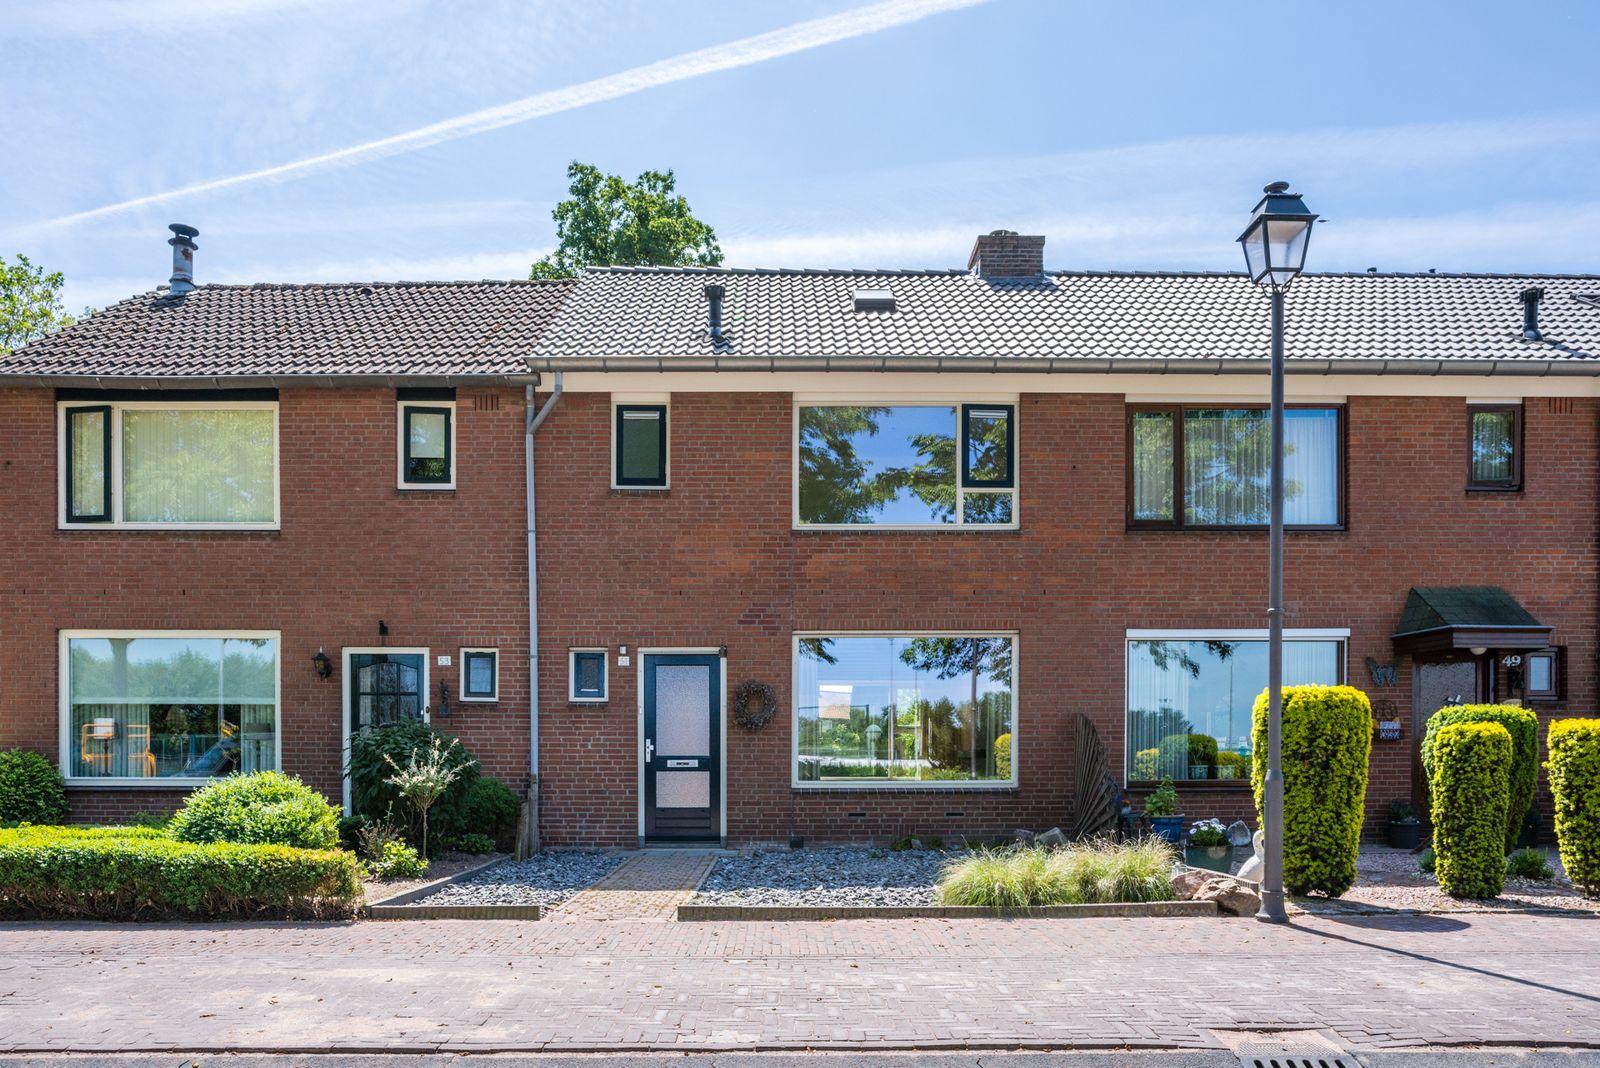 Westerveenstraat 51, Nijkerkerveen